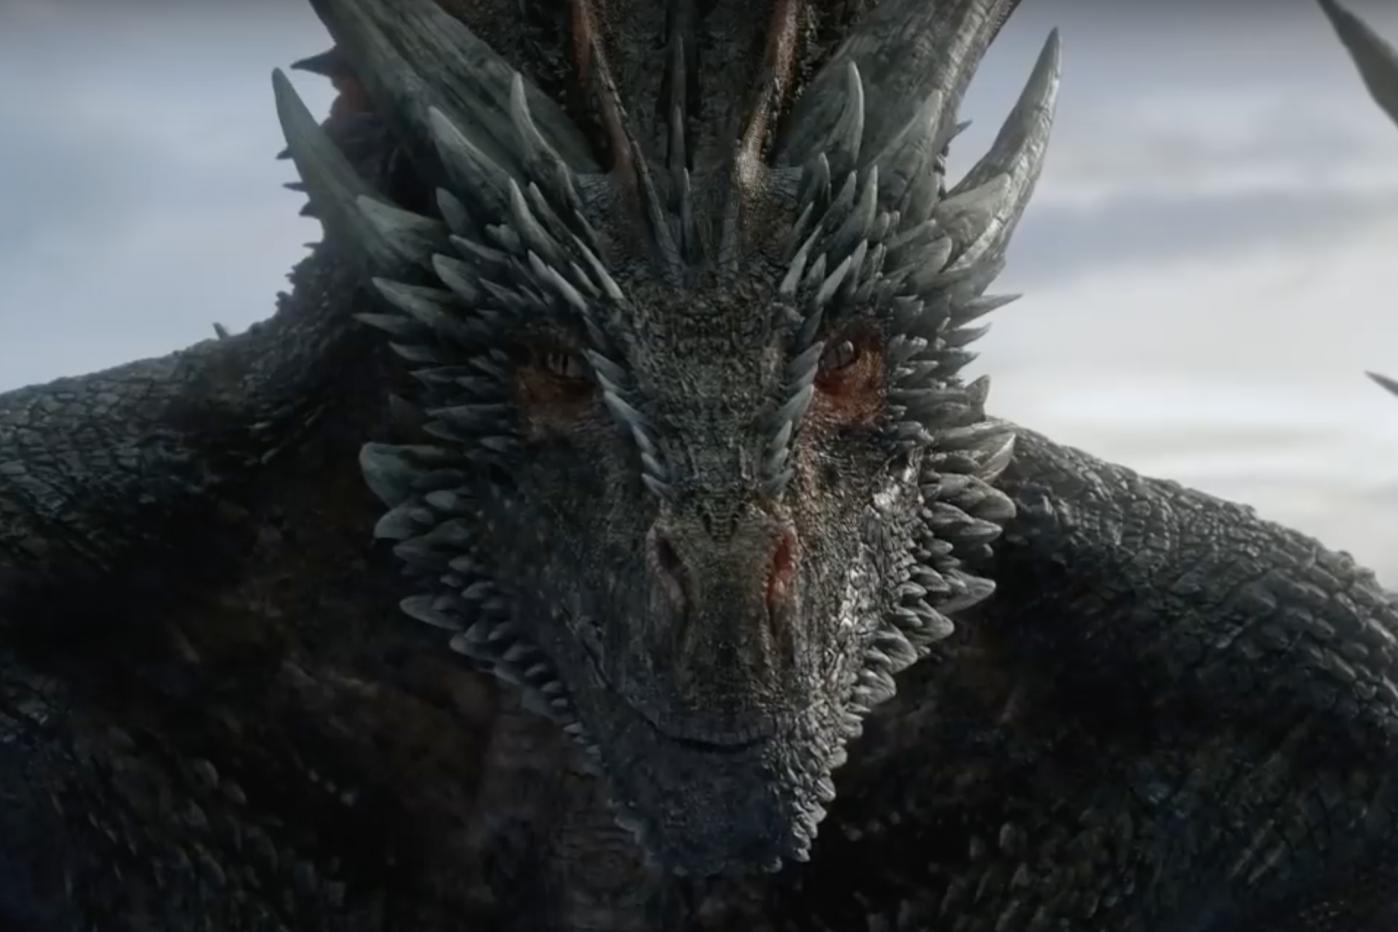 Un nouveau prequel est dans les cartons — Game of Thrones